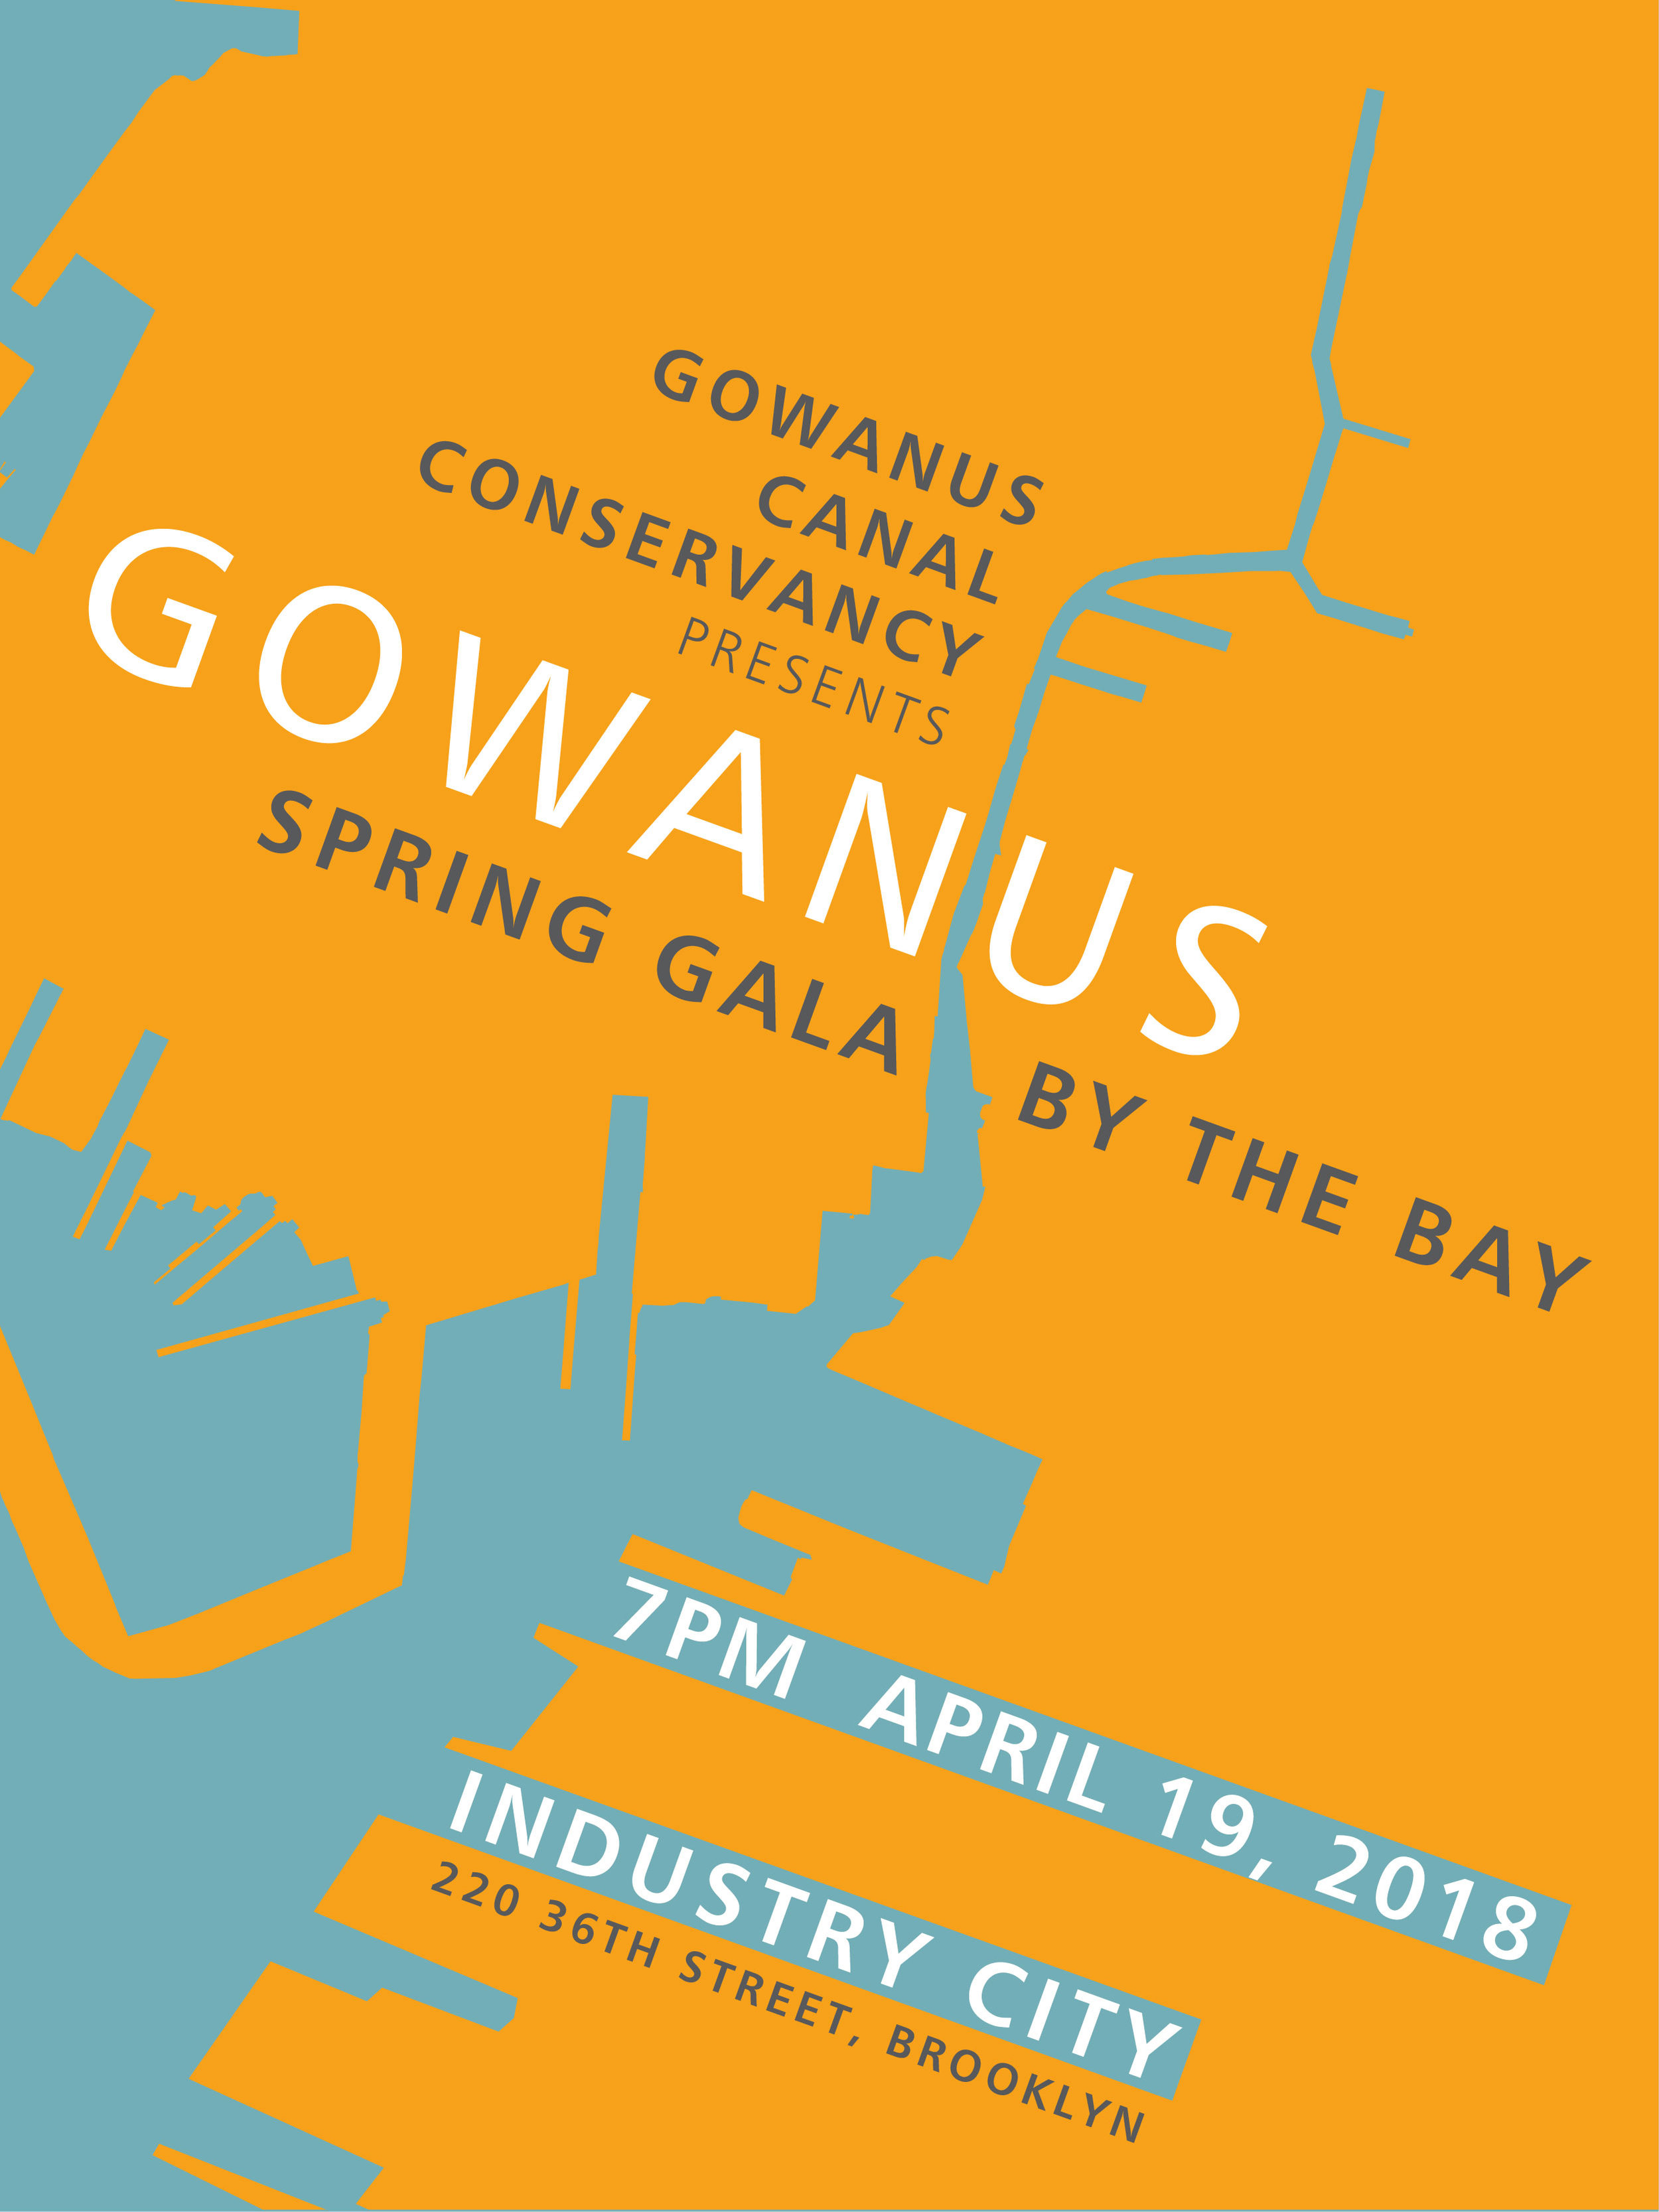 GCC-Spring-Gala-Invite_180205.jpg